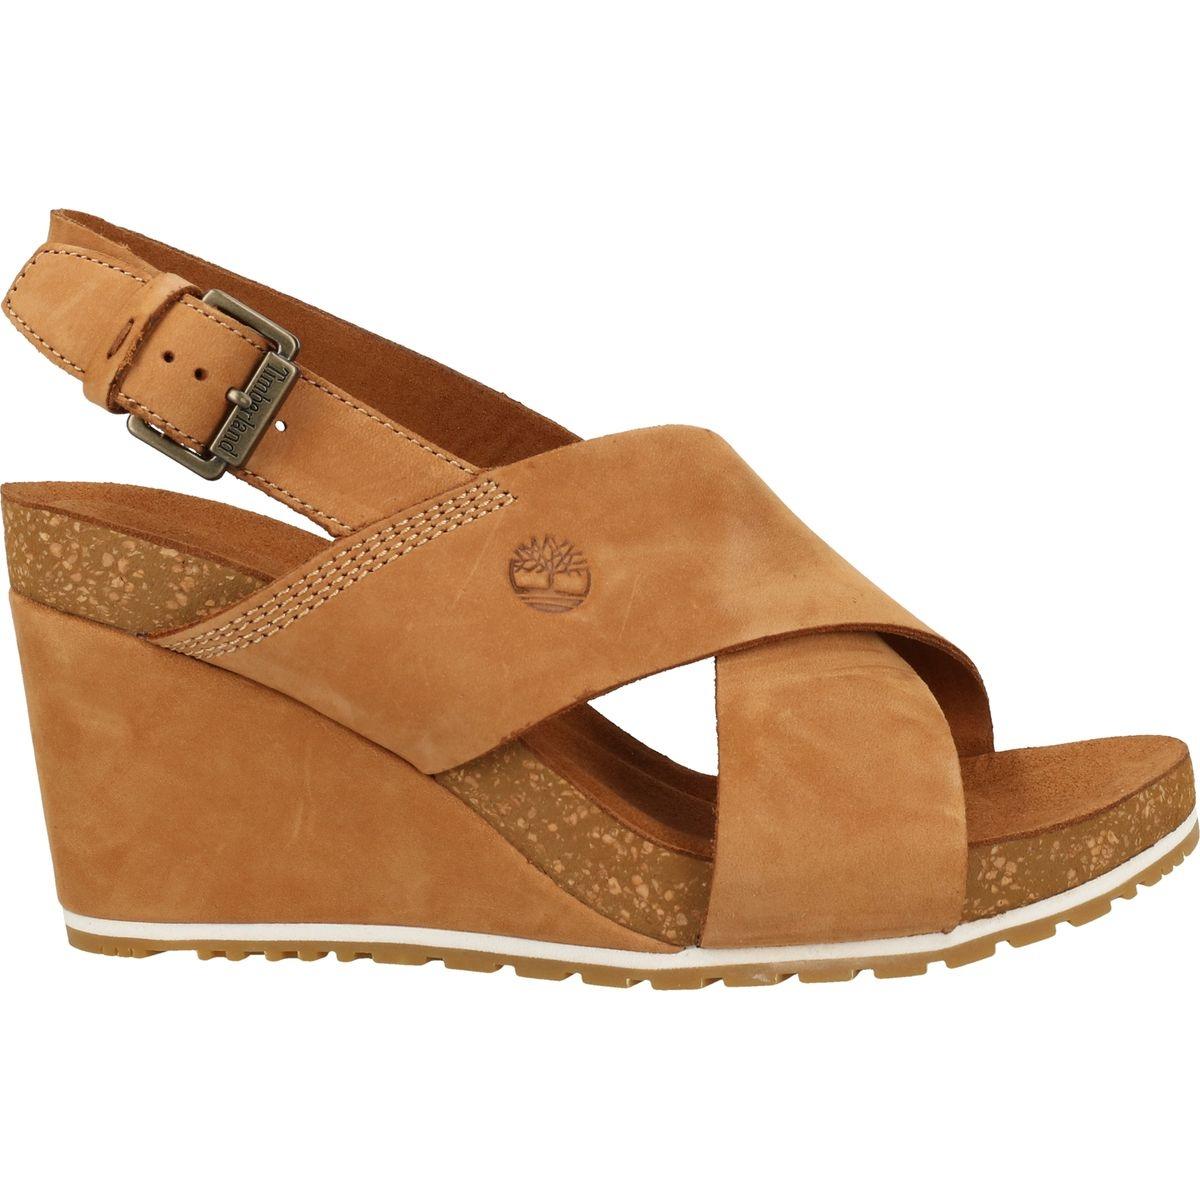 Sandales Cuir nubuk